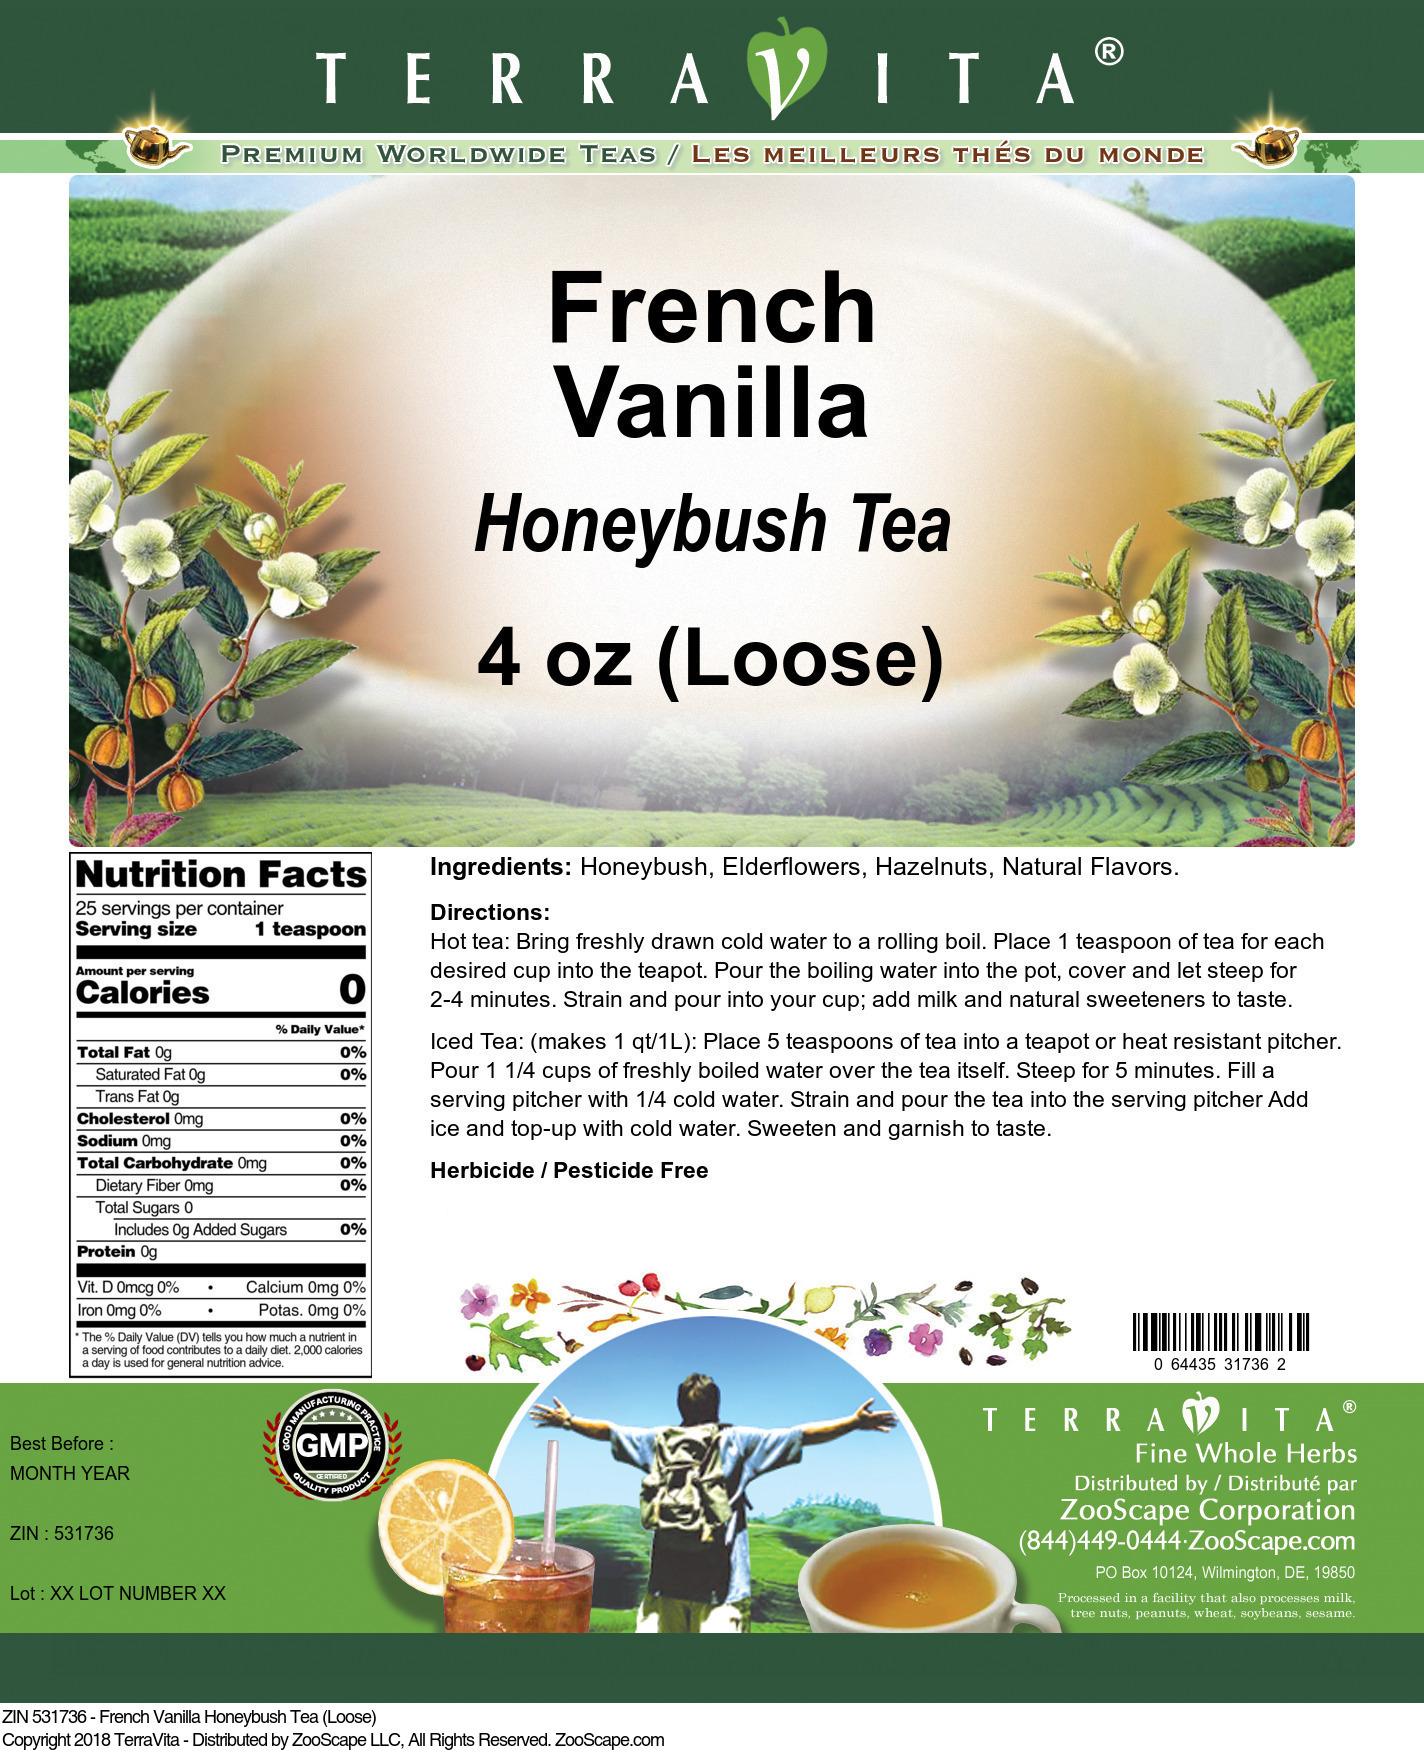 French Vanilla Honeybush Tea